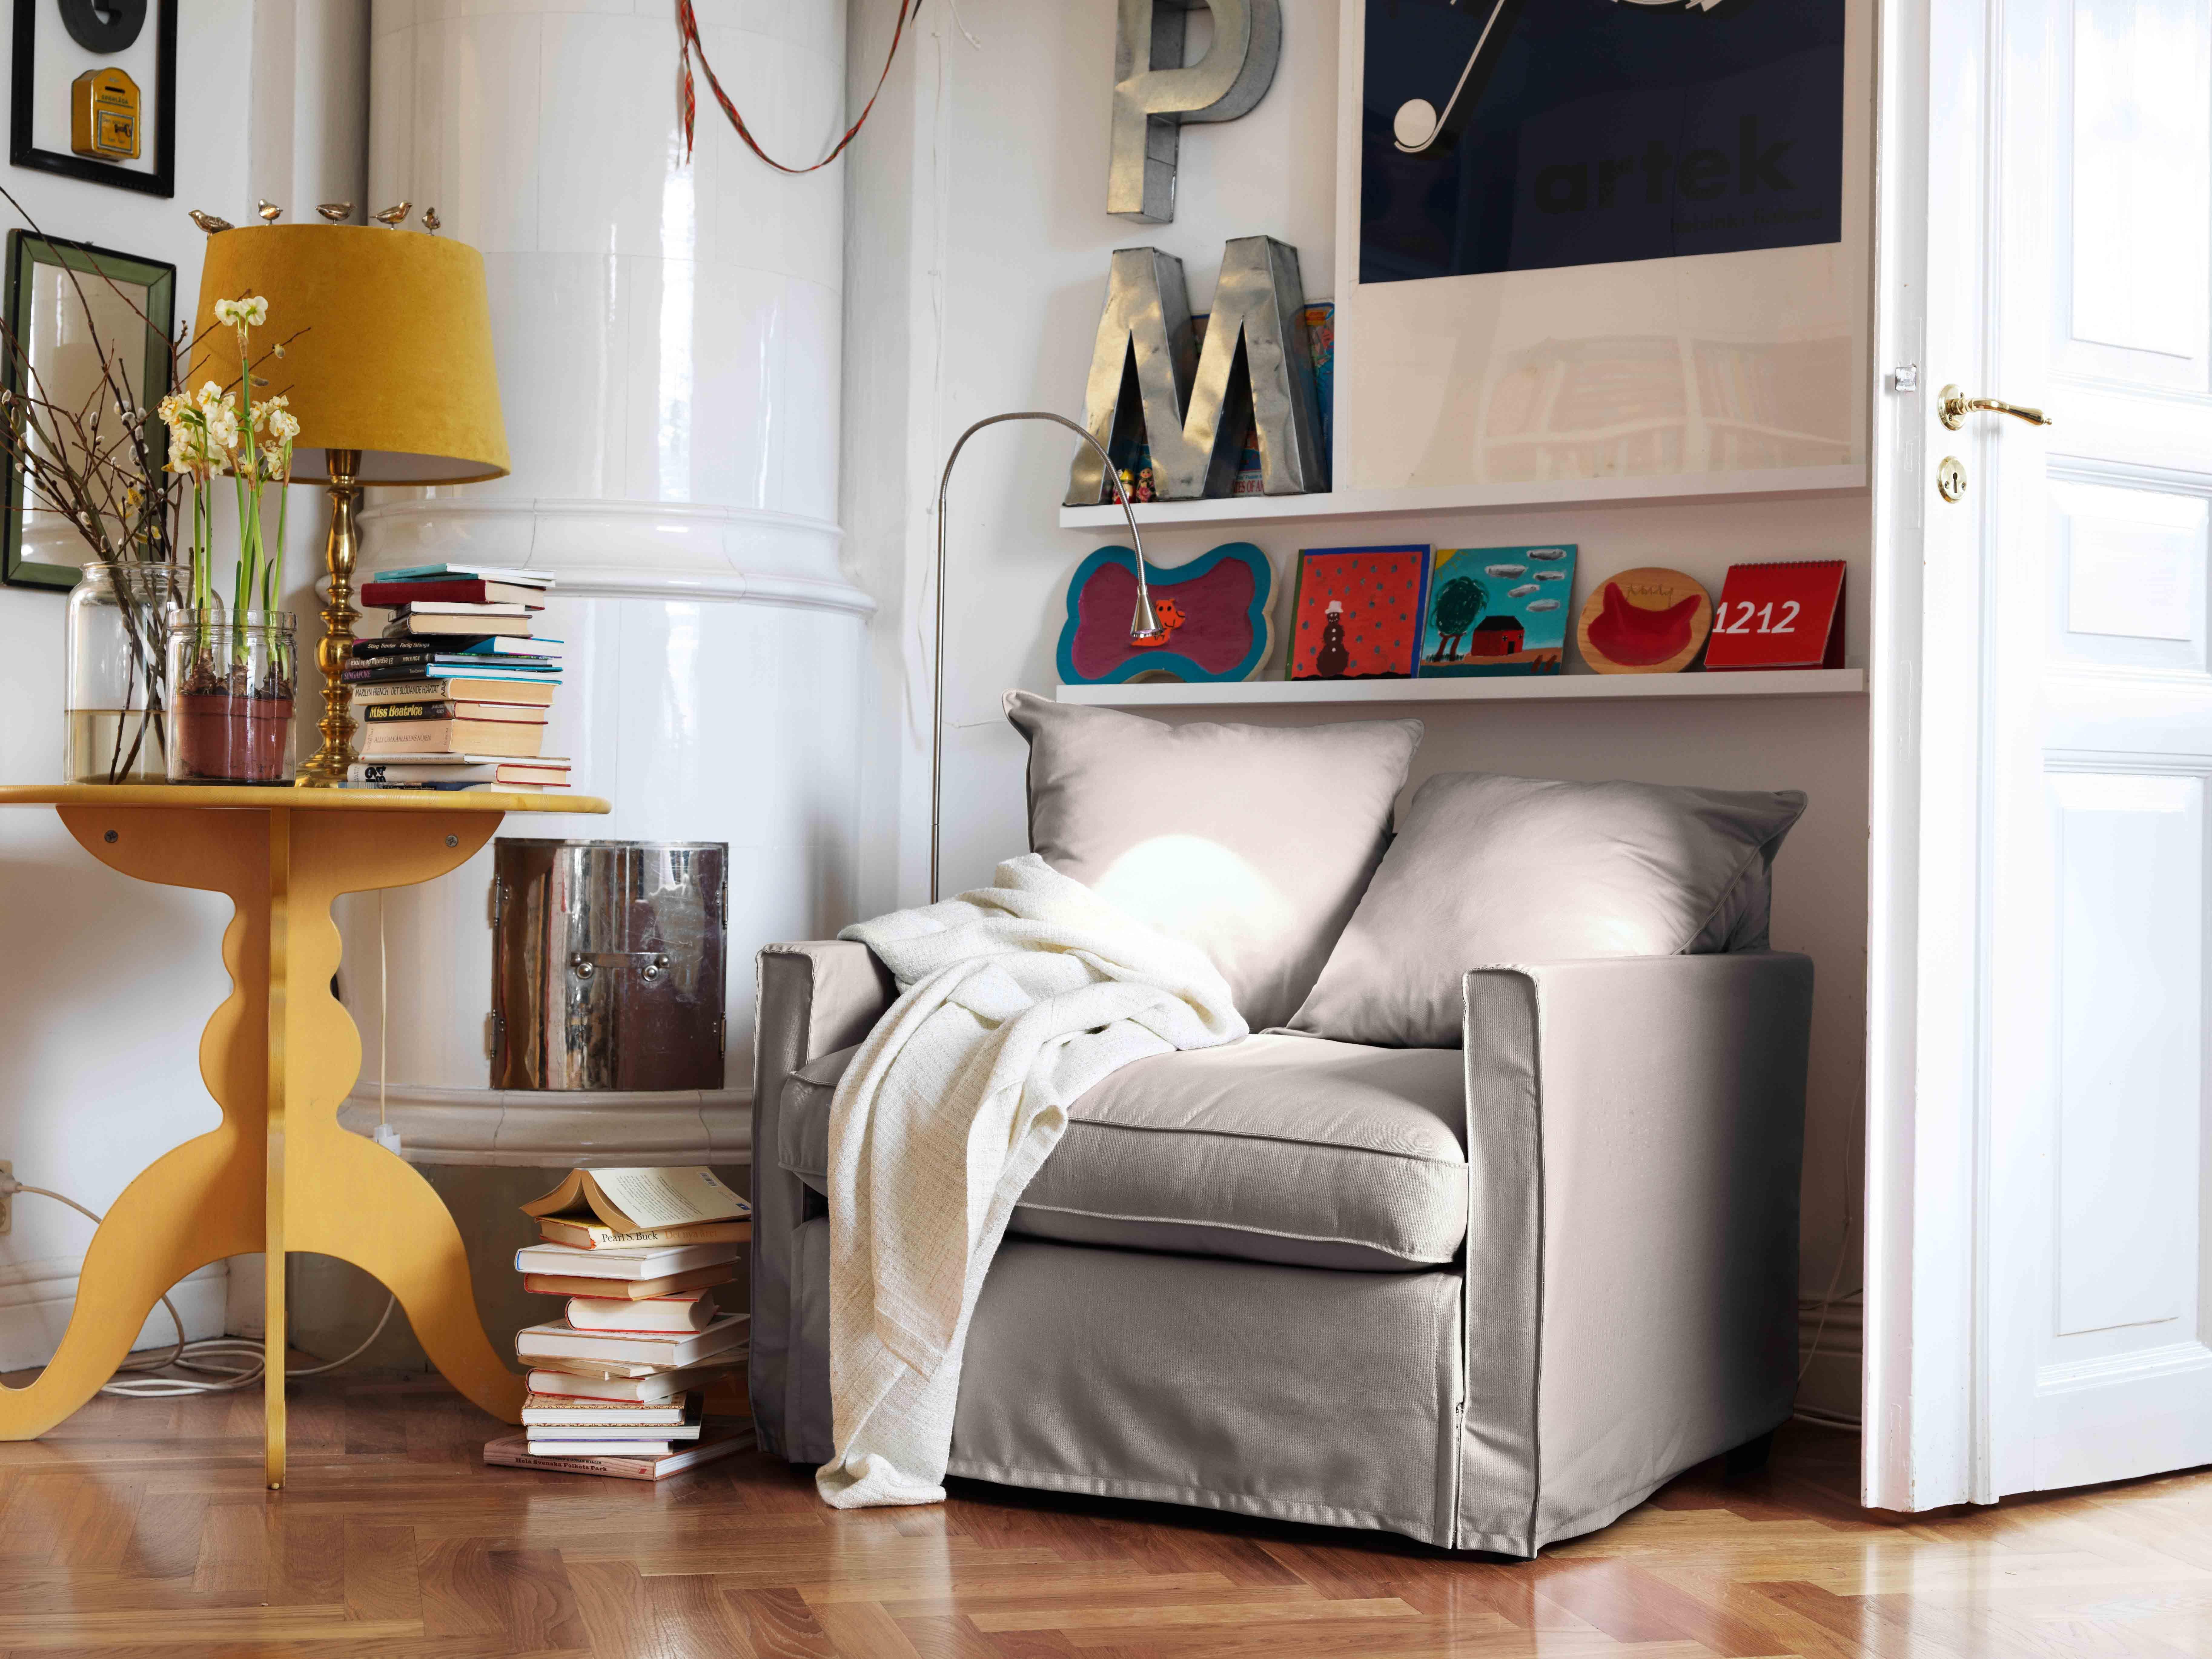 IKEA Sterreich Inspiration Wohnzimmer Plaid GURLI Leuchte TIVED